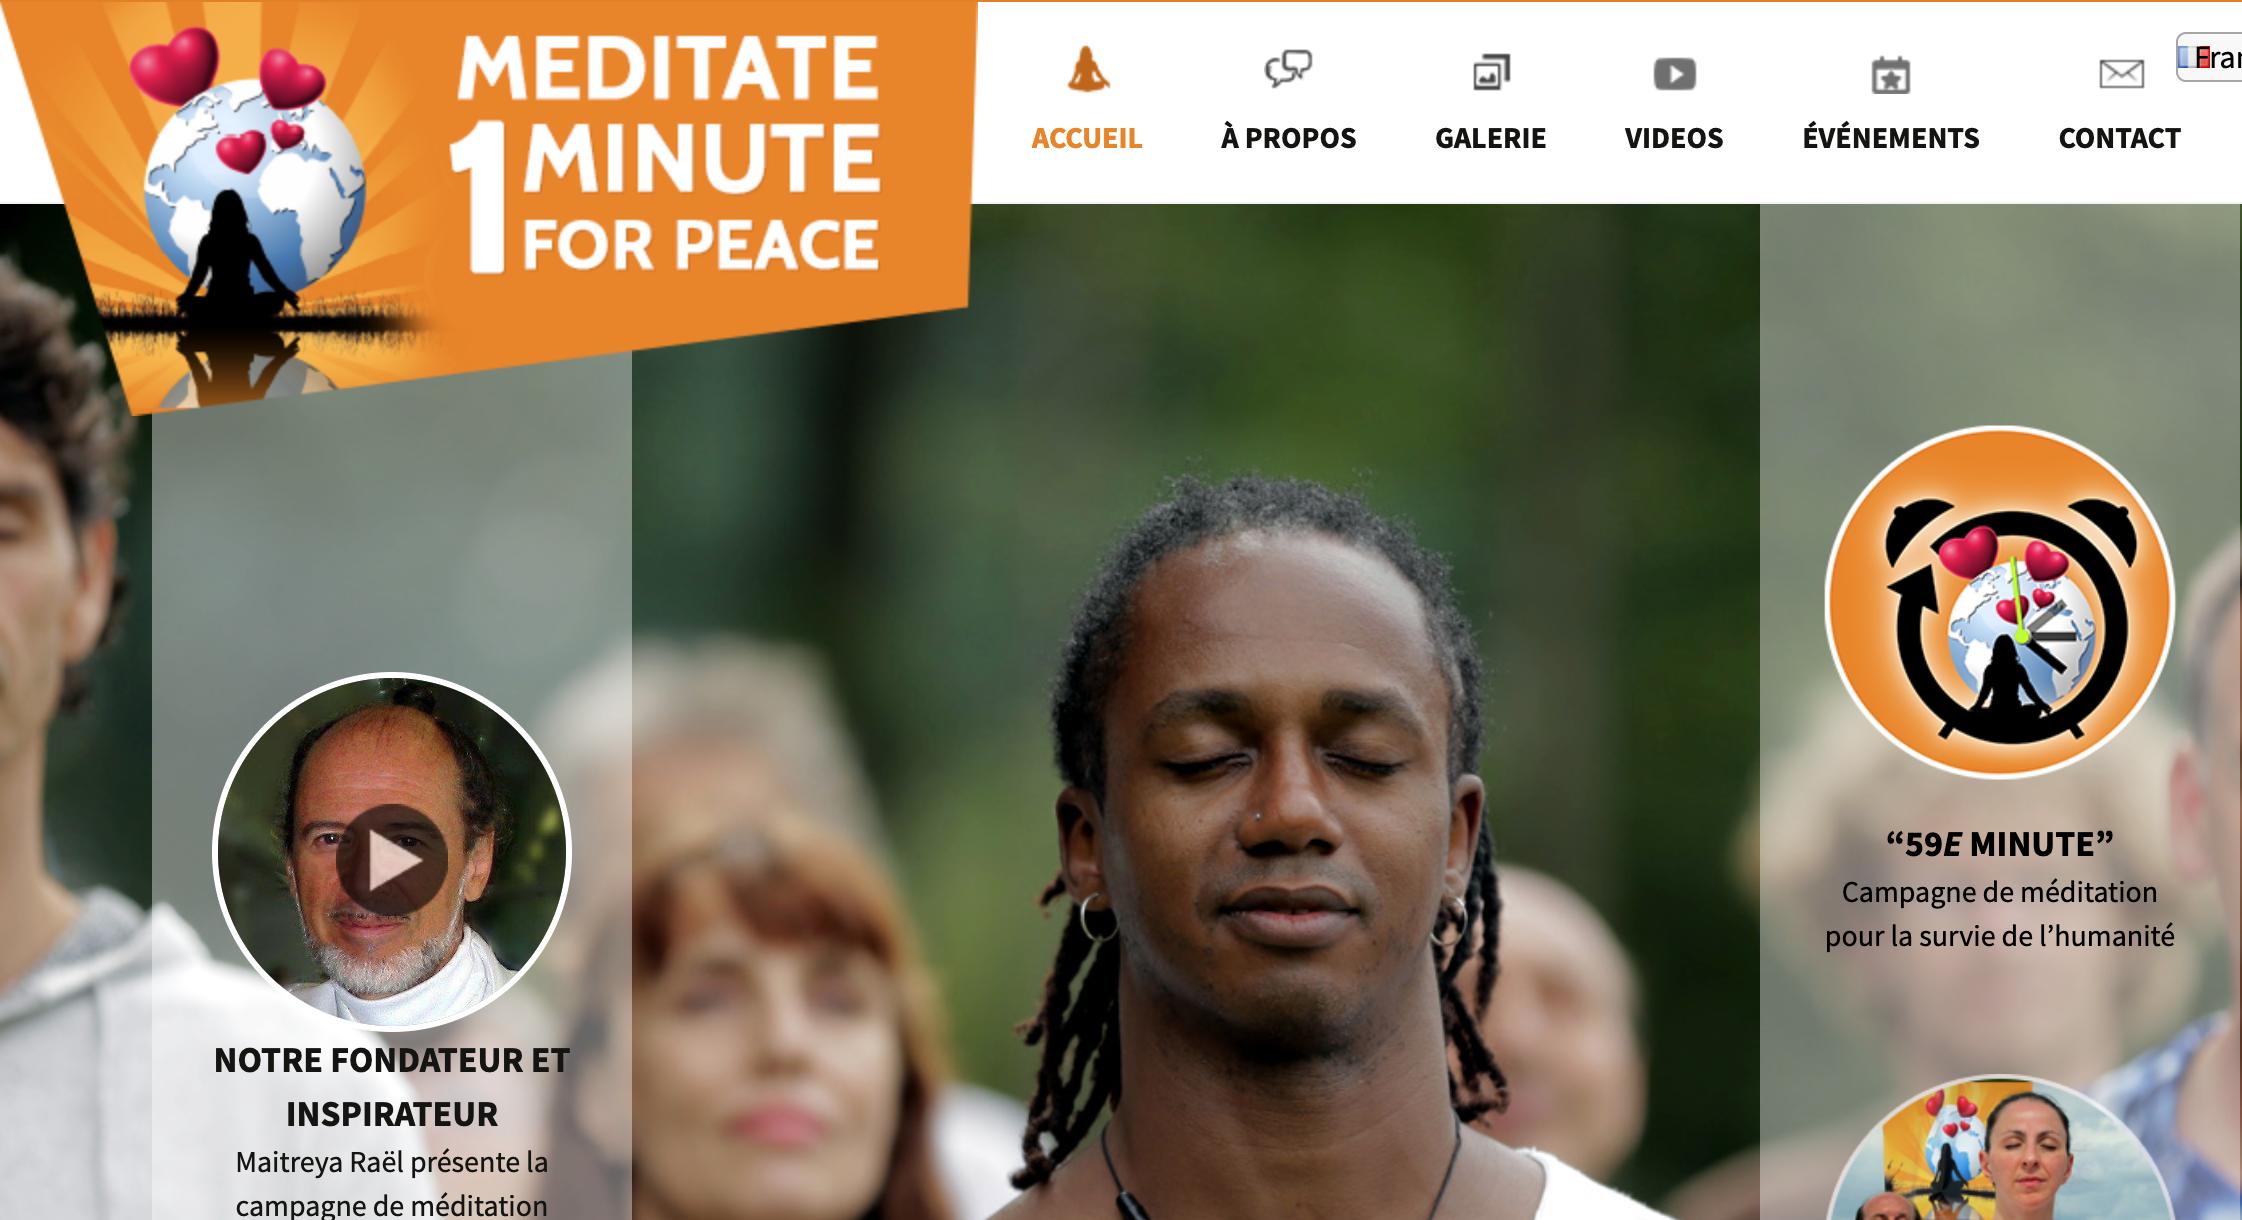 méditez 1 minute pour la paix